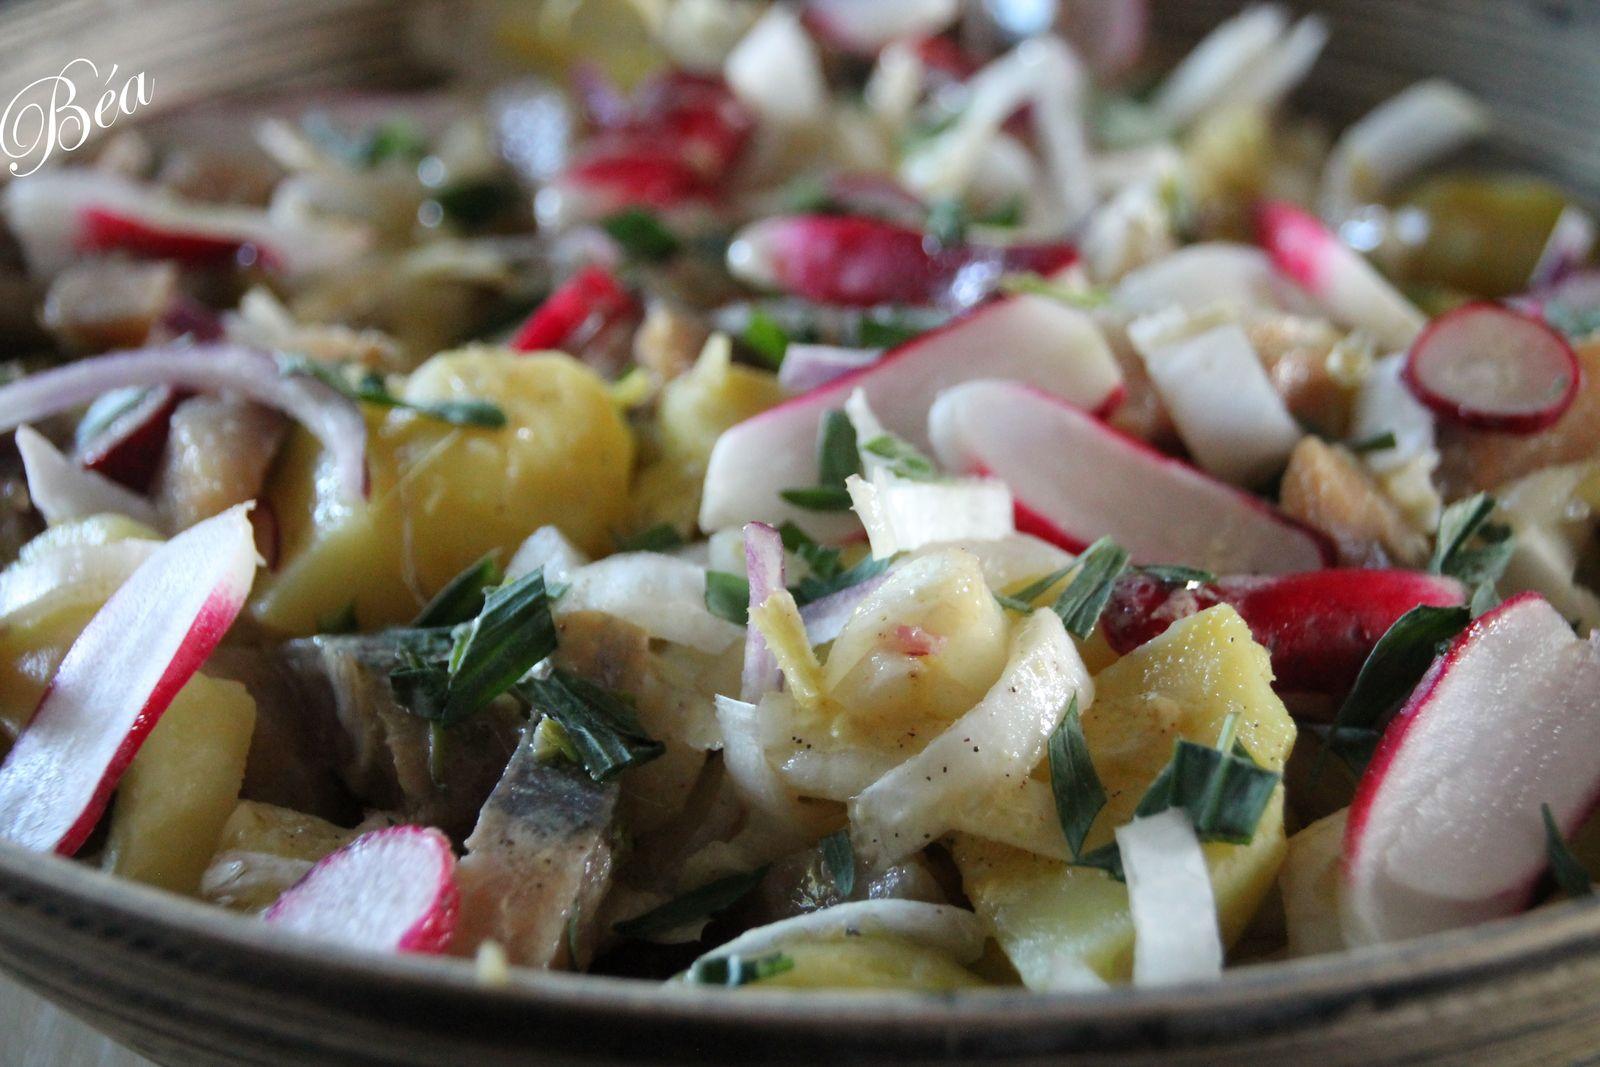 Salade d'endives, pommes de terre et harengs fumés - balade régionale le long de la Côte d'Opale